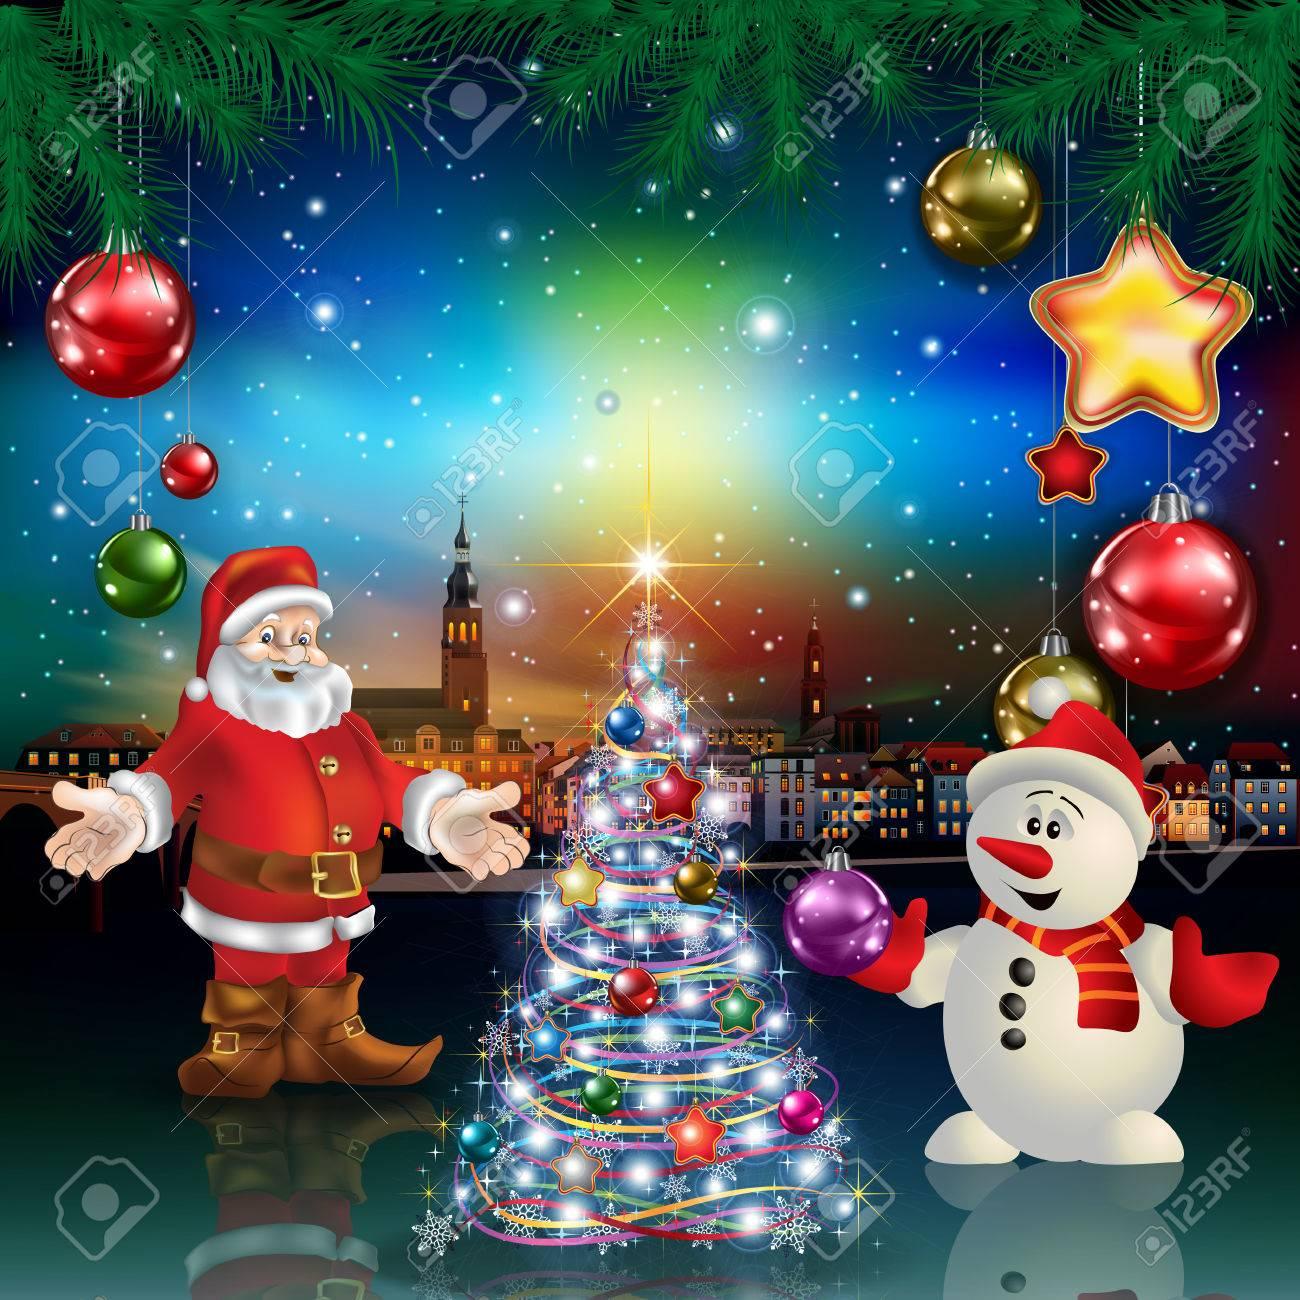 Immagini Di Natale Con Babbo Natale.Saluto Di Natale Con Panorama Della Citta Di Babbo Natale E Pupazzo Di Neve